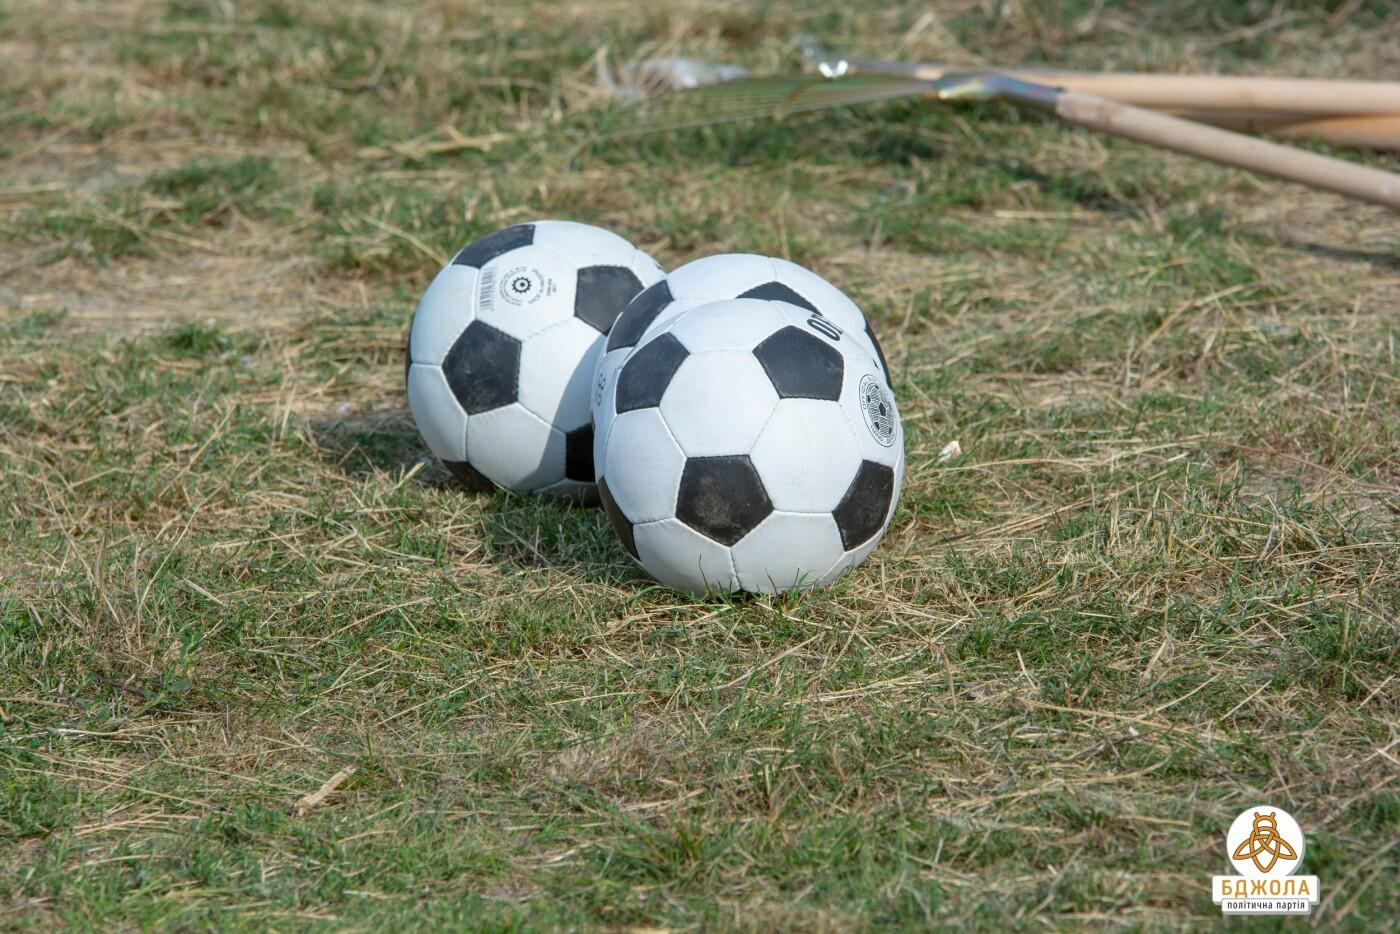 Активисты политической партии «БДЖОЛА» привели в порядок футбольное поле по проспекту Стуса, фото-4